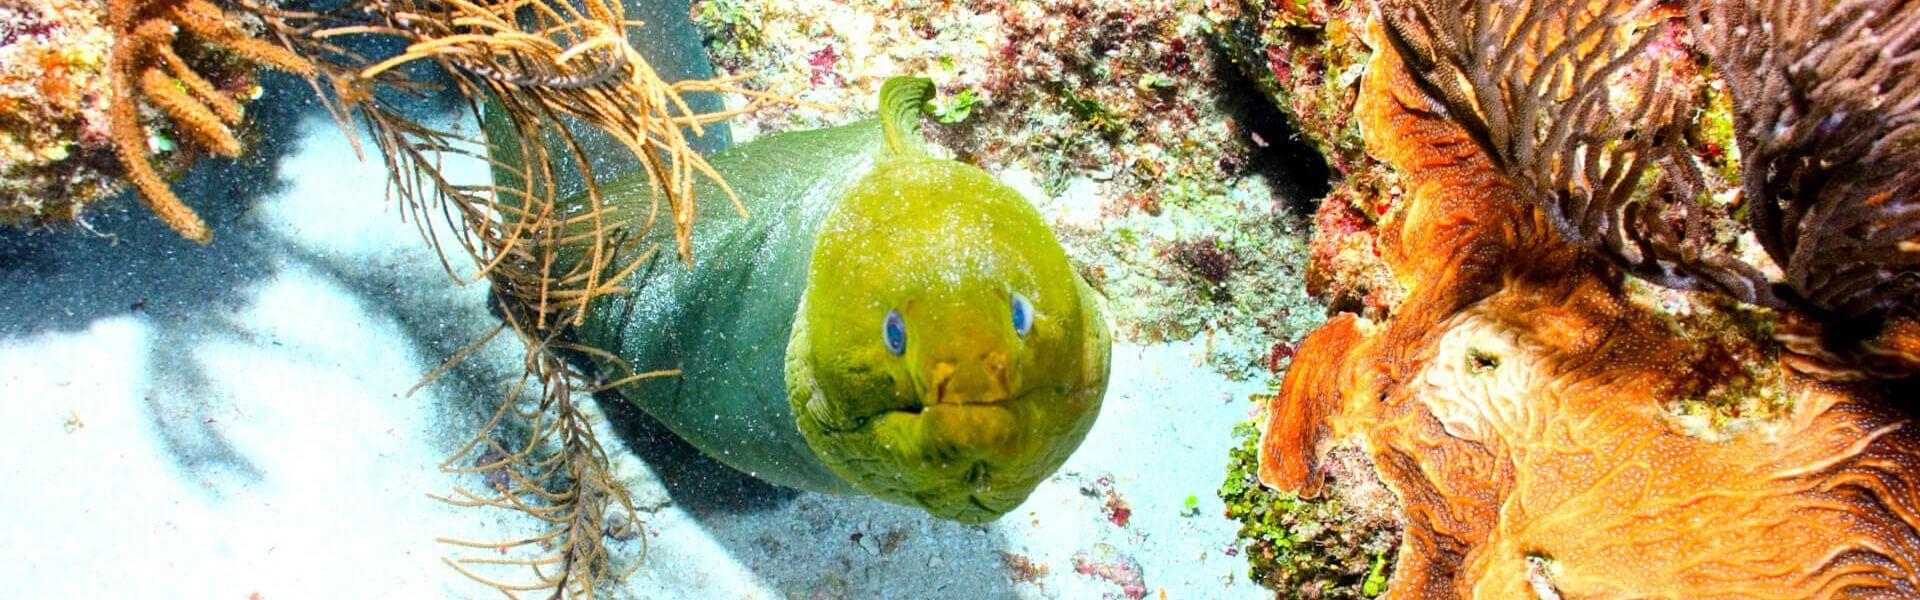 Belize snorkeling eel